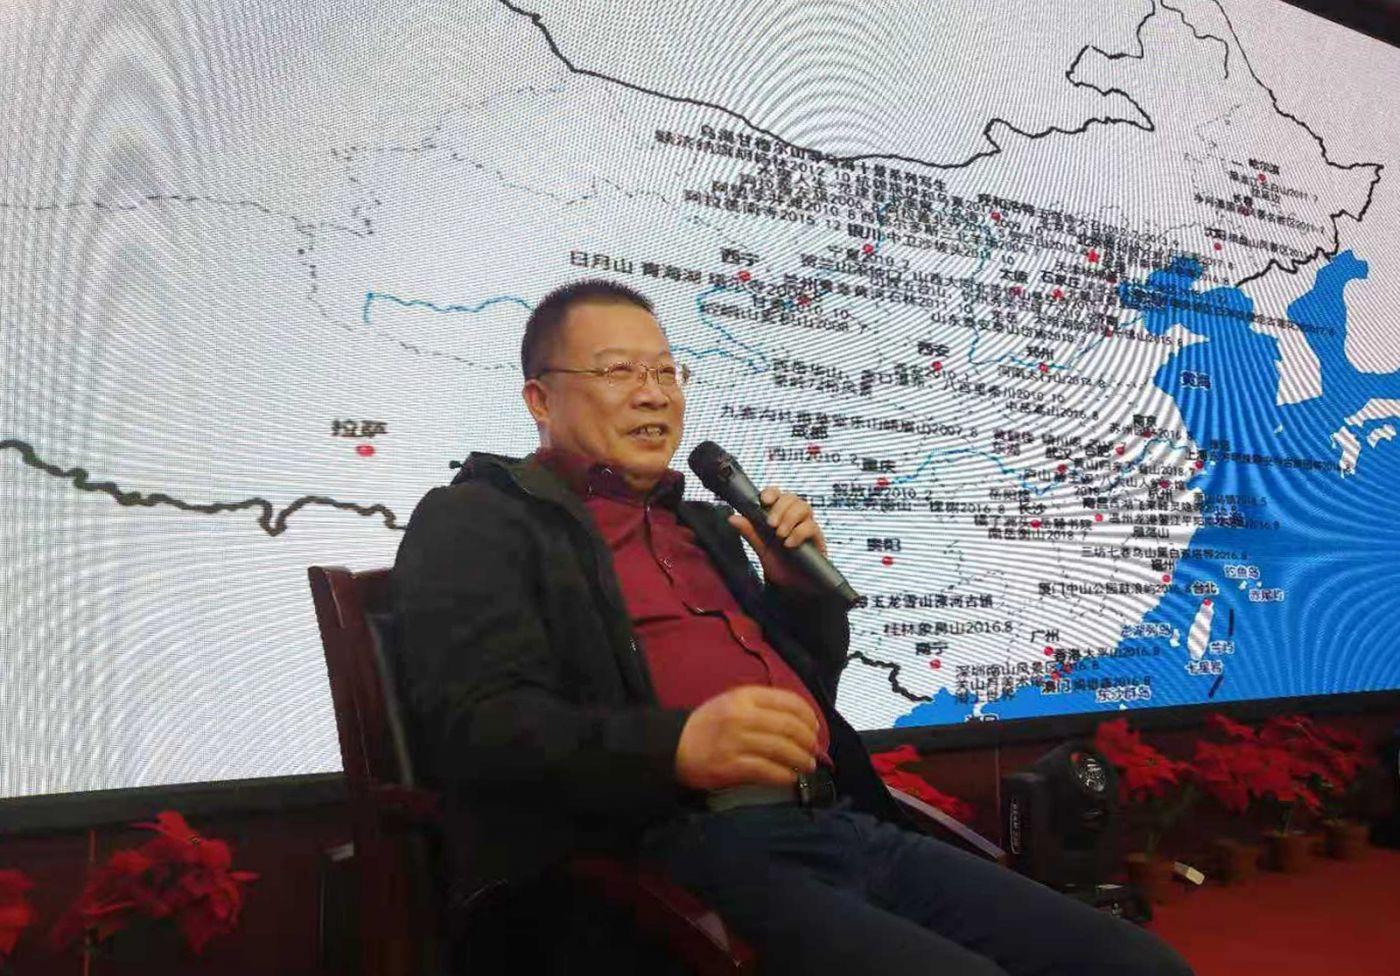 和您分享一张中国写生地图的故事_图1-2